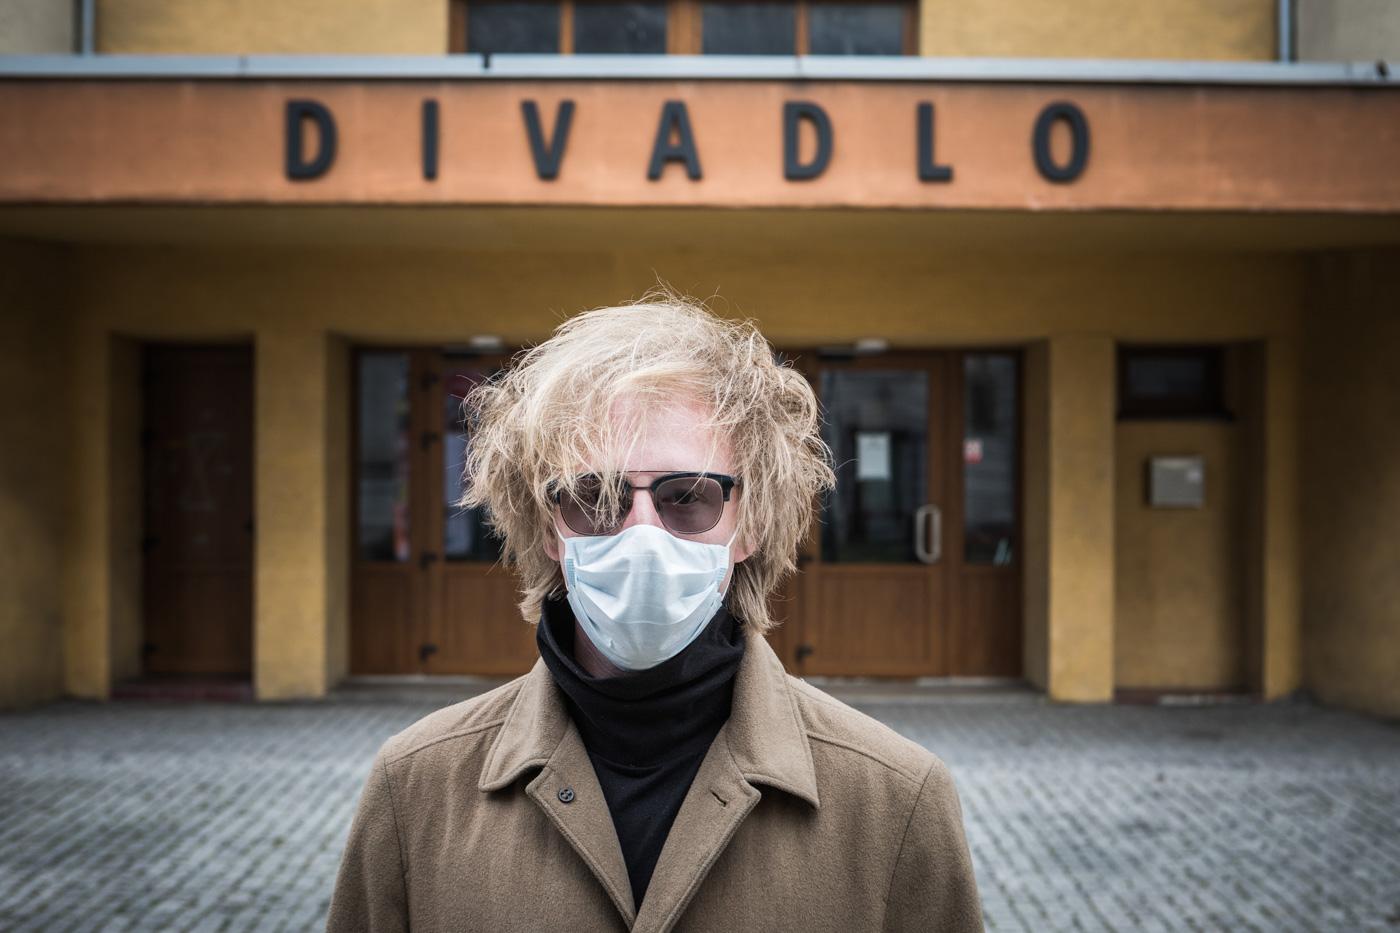 Koronovirová pandemie zasáhla také divadla, která musela zavřít a přišla tím o velkou část svých příjmů. Na snímku umělecký šéf Divadla Mír Štěpán Kozub. Foto: © Jiří Zerzoň/Vlasta